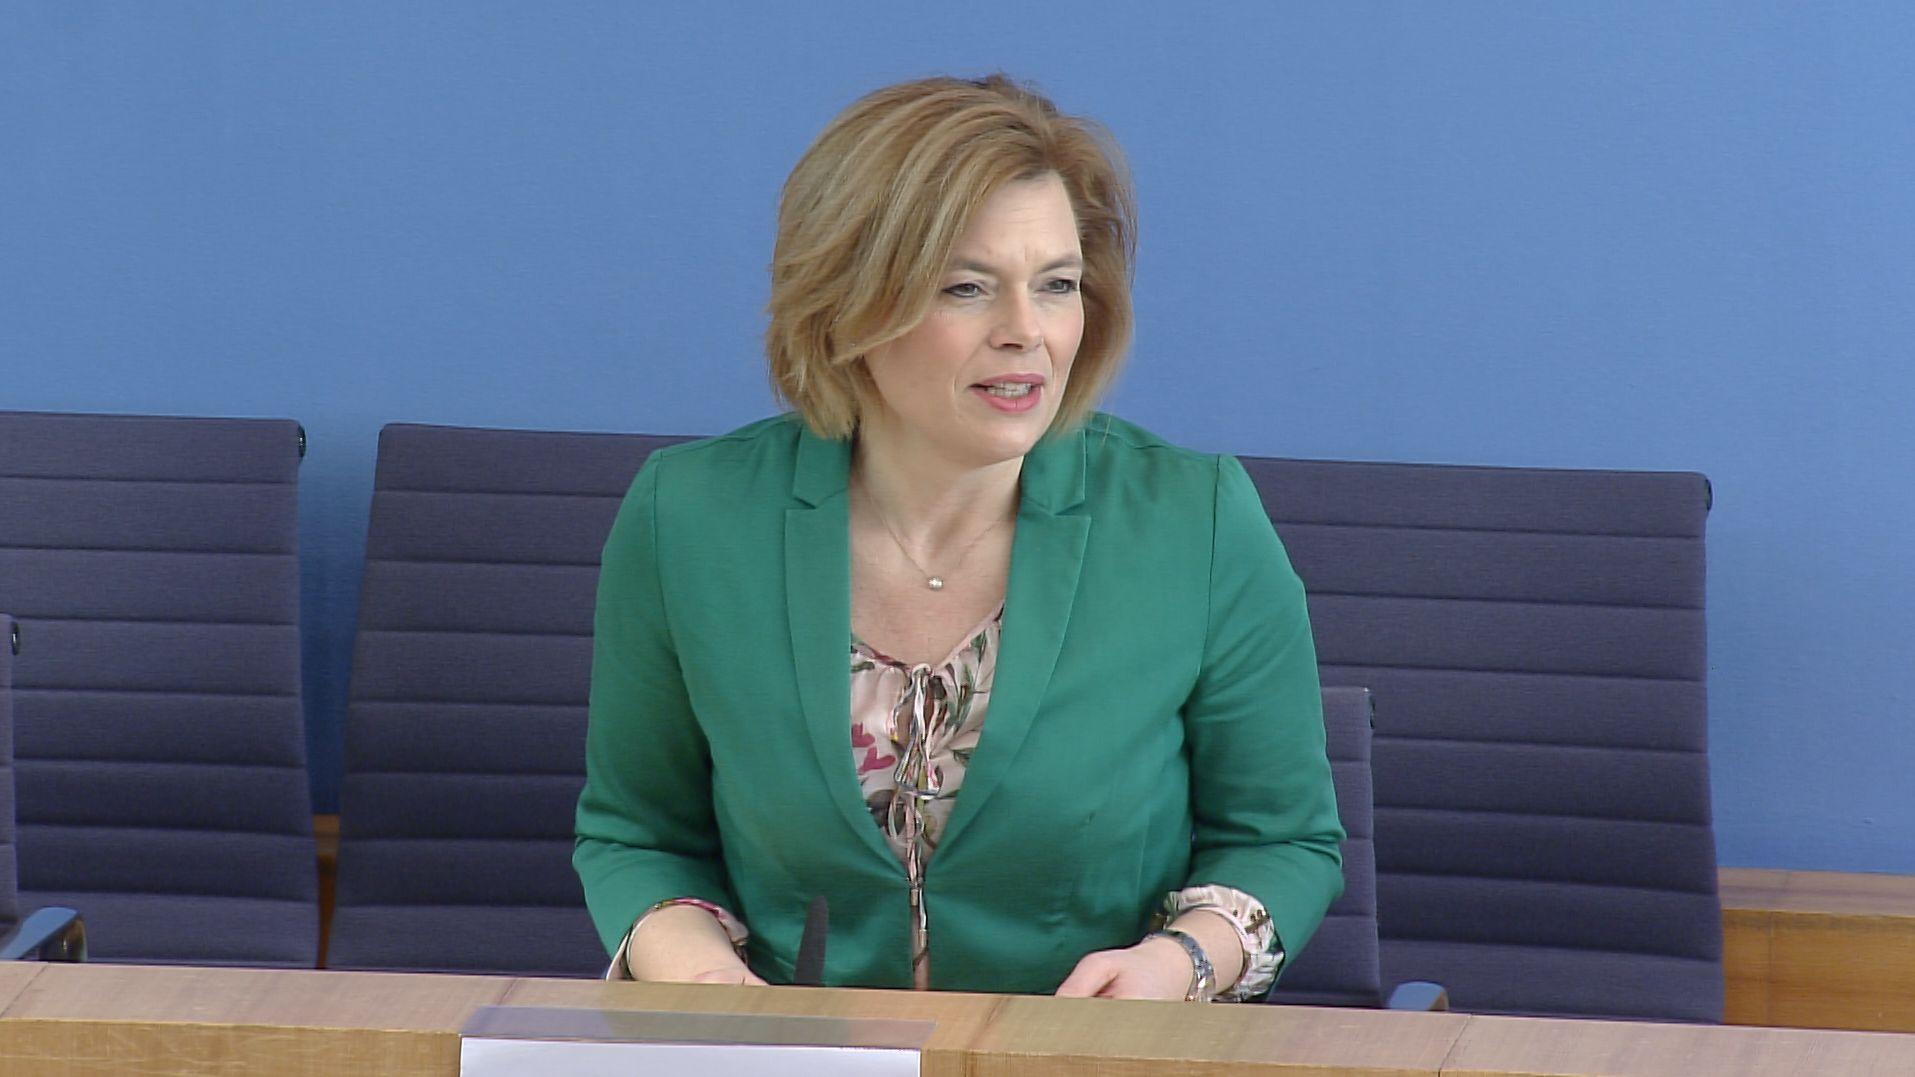 Julia Klöckner in der Pressekonferenz am Donnerstag, 26.03.2020.